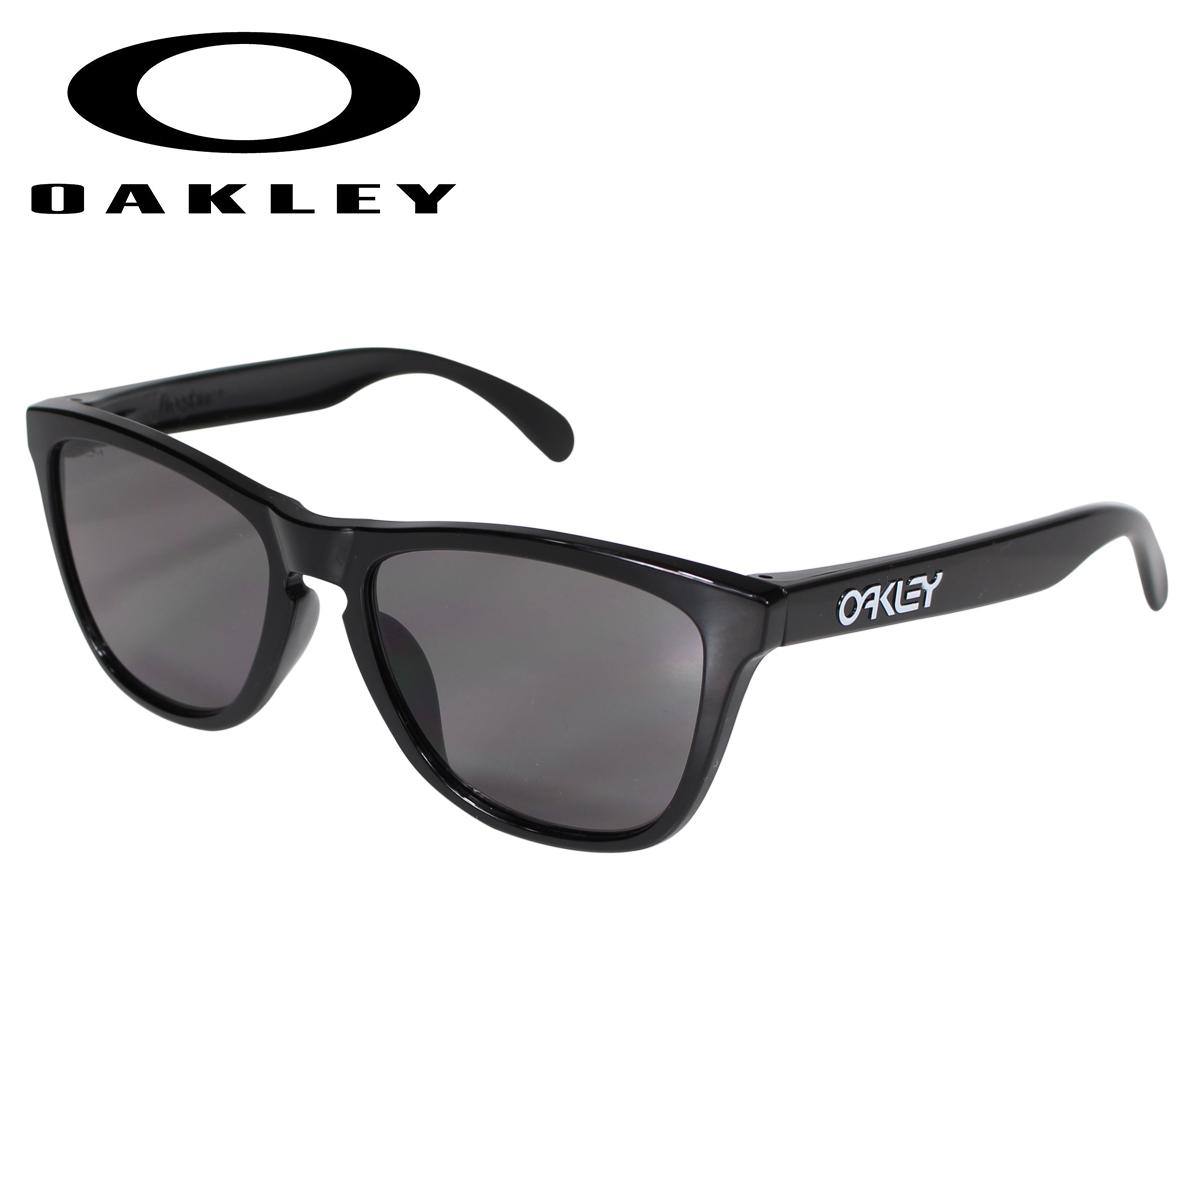 fffd49ce0091 Oakley Oakley sunglasses frog skin horse mackerel Ann fitting men gap Dis  Frogskins ASIA FIT black ...